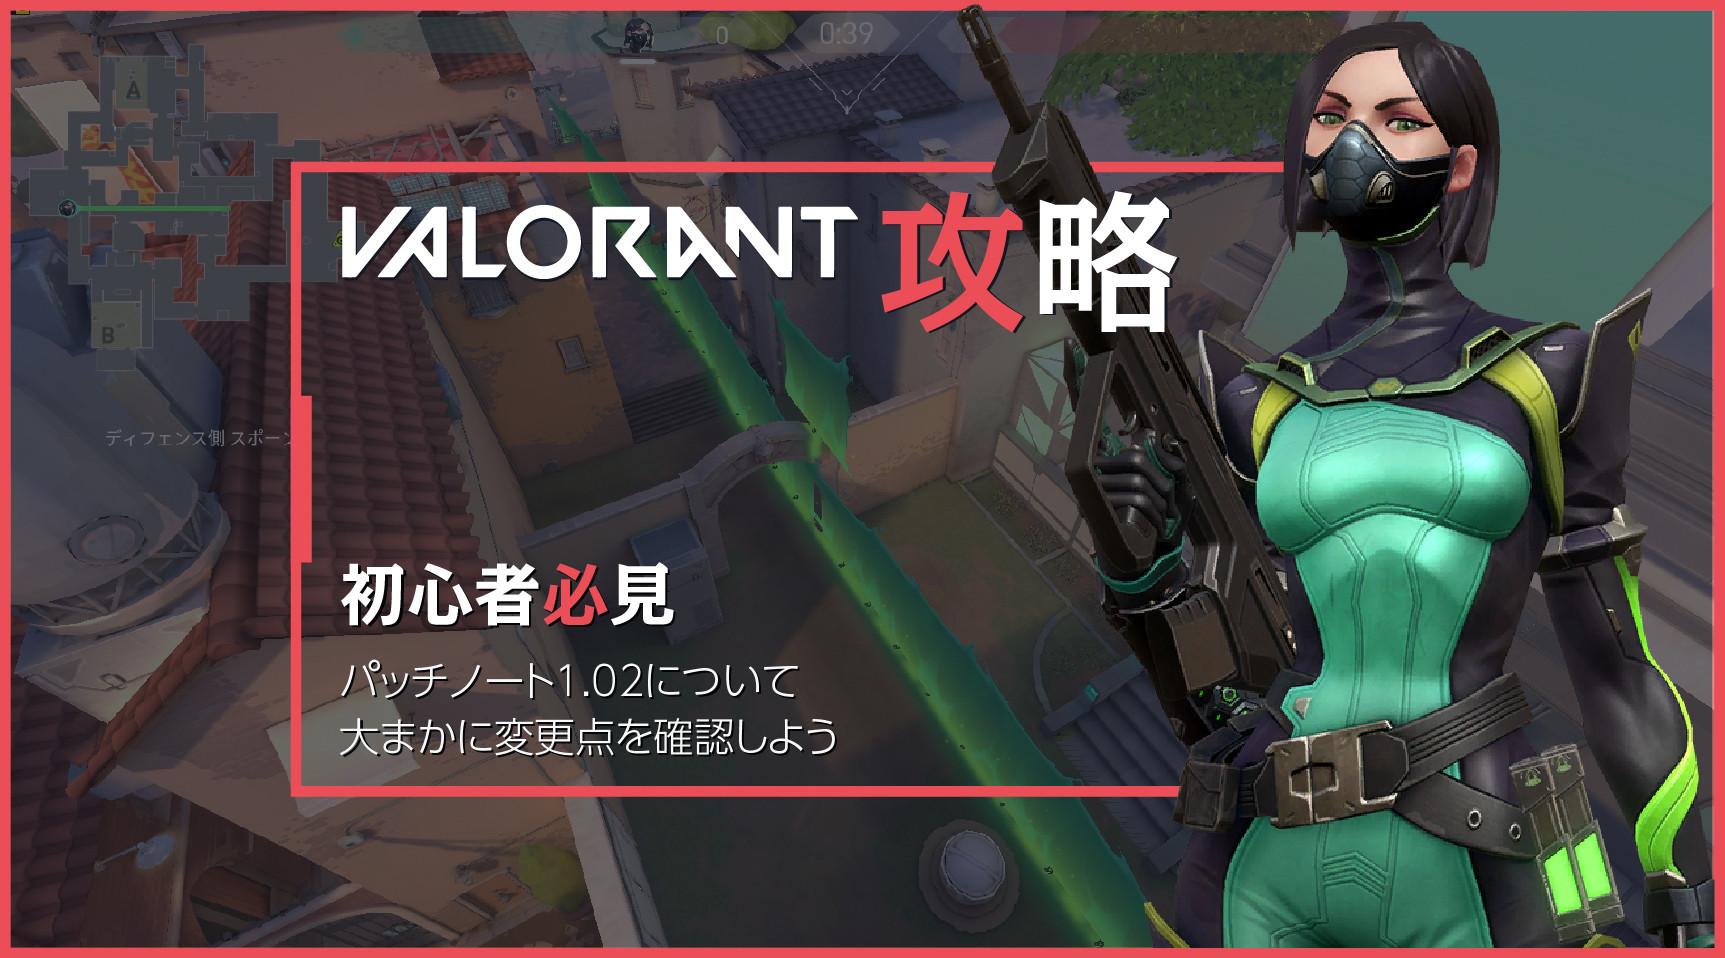 アプデ valorant 【VALORANT】PC版の始め方・ダウンロード方法を解説【ヴァロラント】